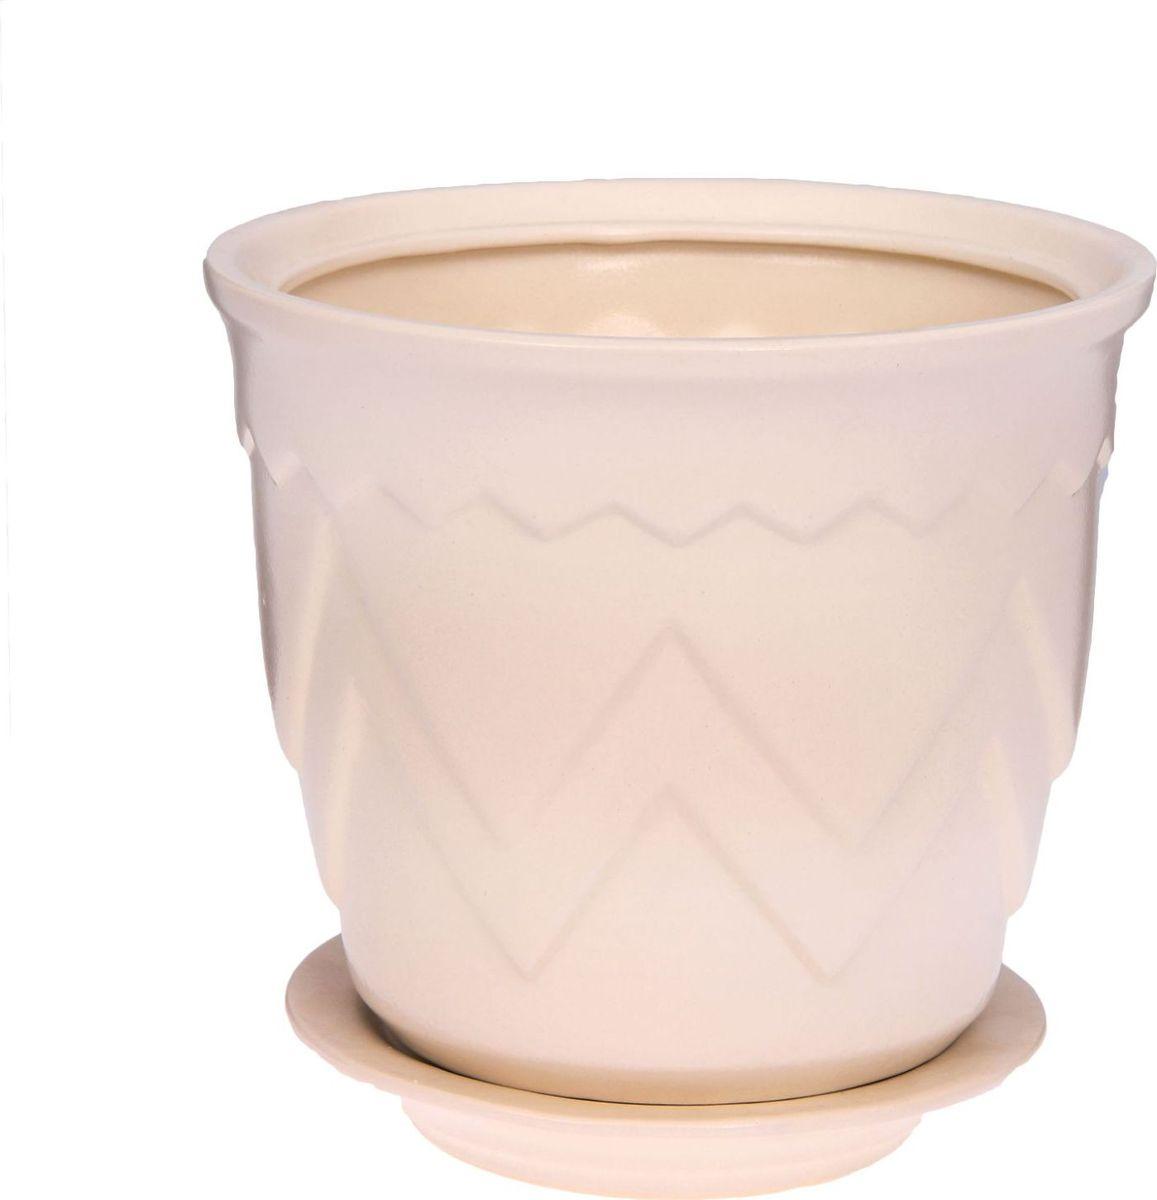 Кашпо Арго, цвет: белый, 2,8 л1143467Комнатные растения — всеобщие любимцы. Они радуют глаз, насыщают помещение кислородом и украшают пространство. Каждому из них необходим свой удобный и красивый дом. Кашпо из керамики прекрасно подходят для высадки растений: за счёт пластичности глины и разных способов обработки существует великое множество форм и дизайновпористый материал позволяет испаряться лишней влагевоздух, необходимый для дыхания корней, проникает сквозь керамические стенки! #name# позаботится о зелёном питомце, освежит интерьер и подчеркнёт его стиль.